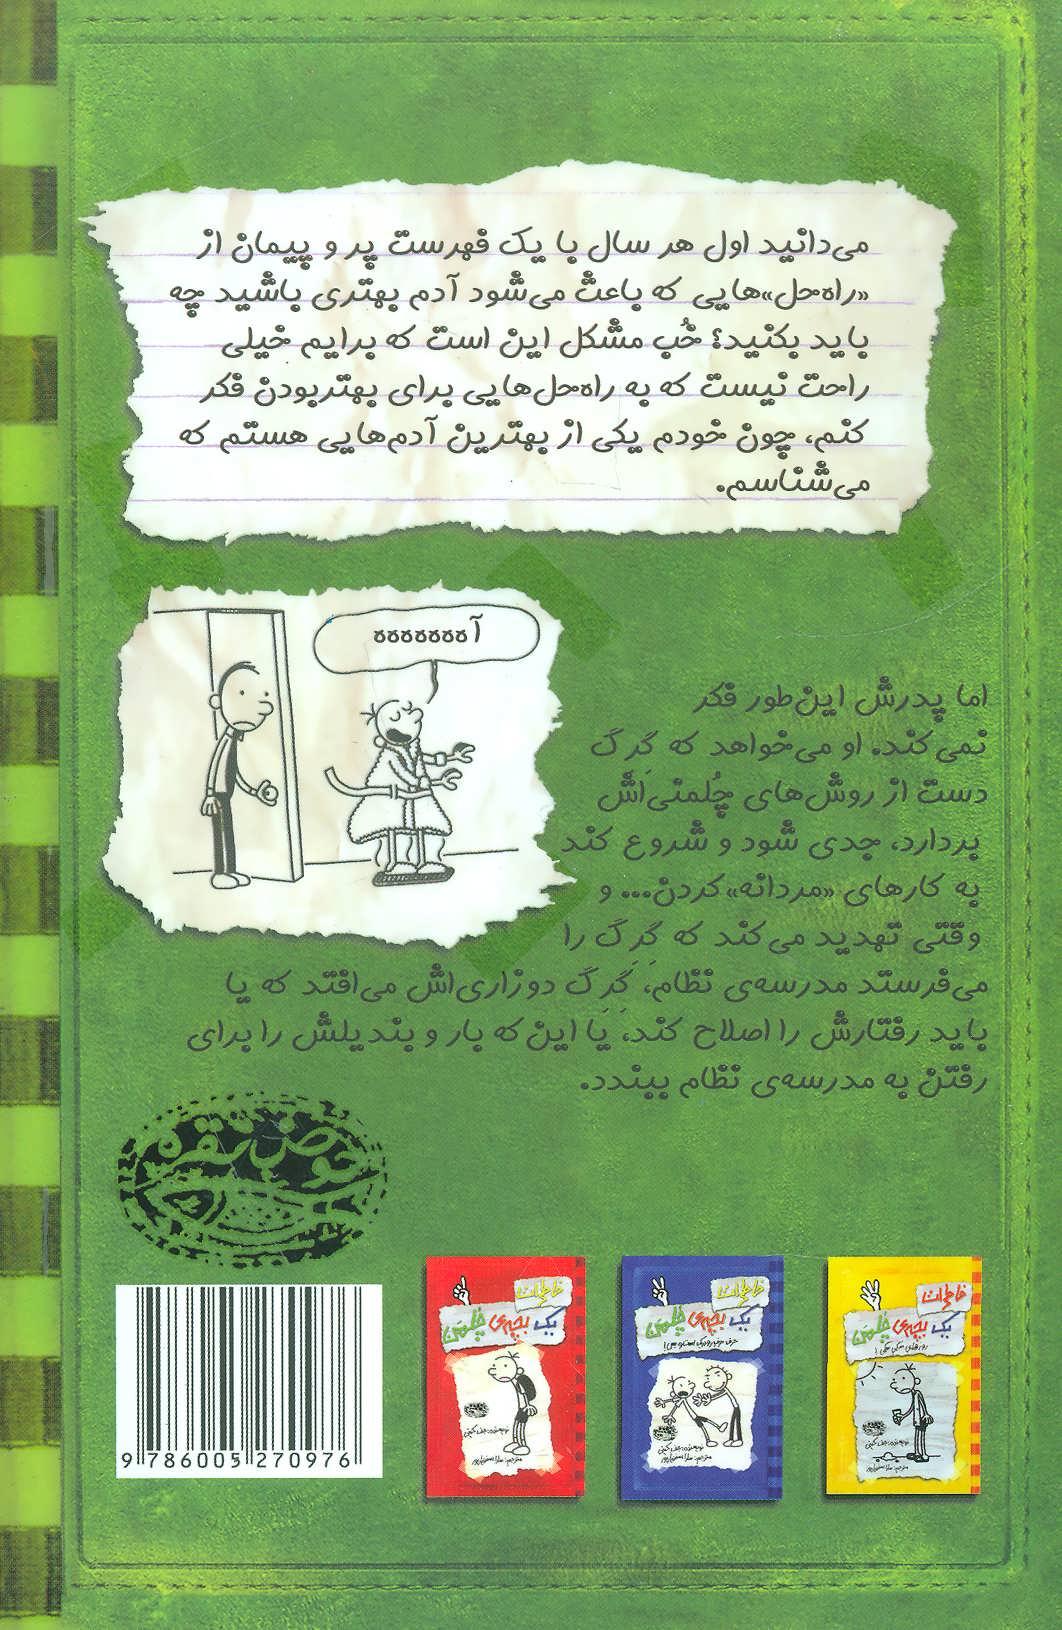 خاطرات یک بچه ی چلمن 3 (قوز بالاقوز!)